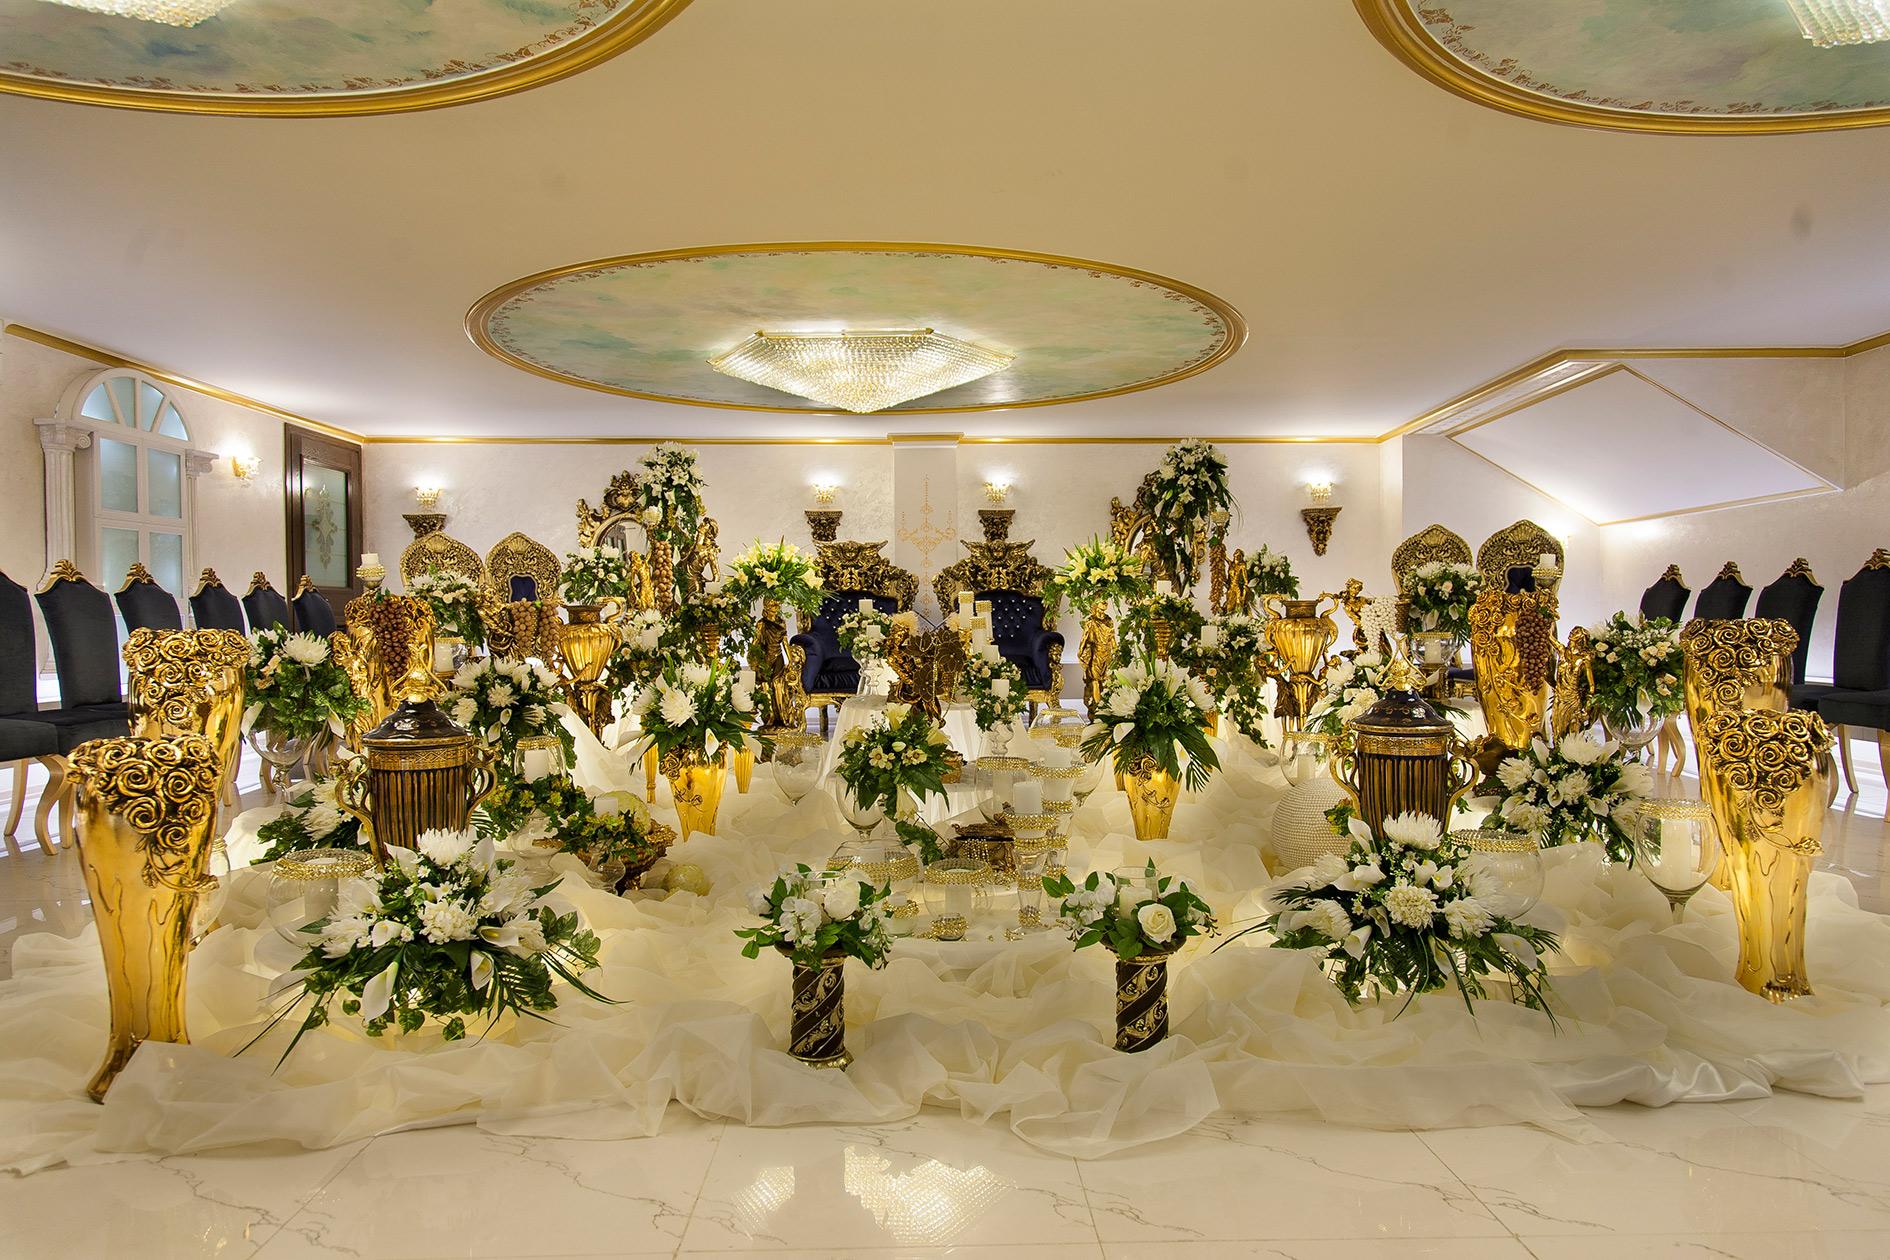 هزینههای میلیاردی برای عروسیهای لاکچری/ خرج میلیونی برای بالن سواری عروس و داماد